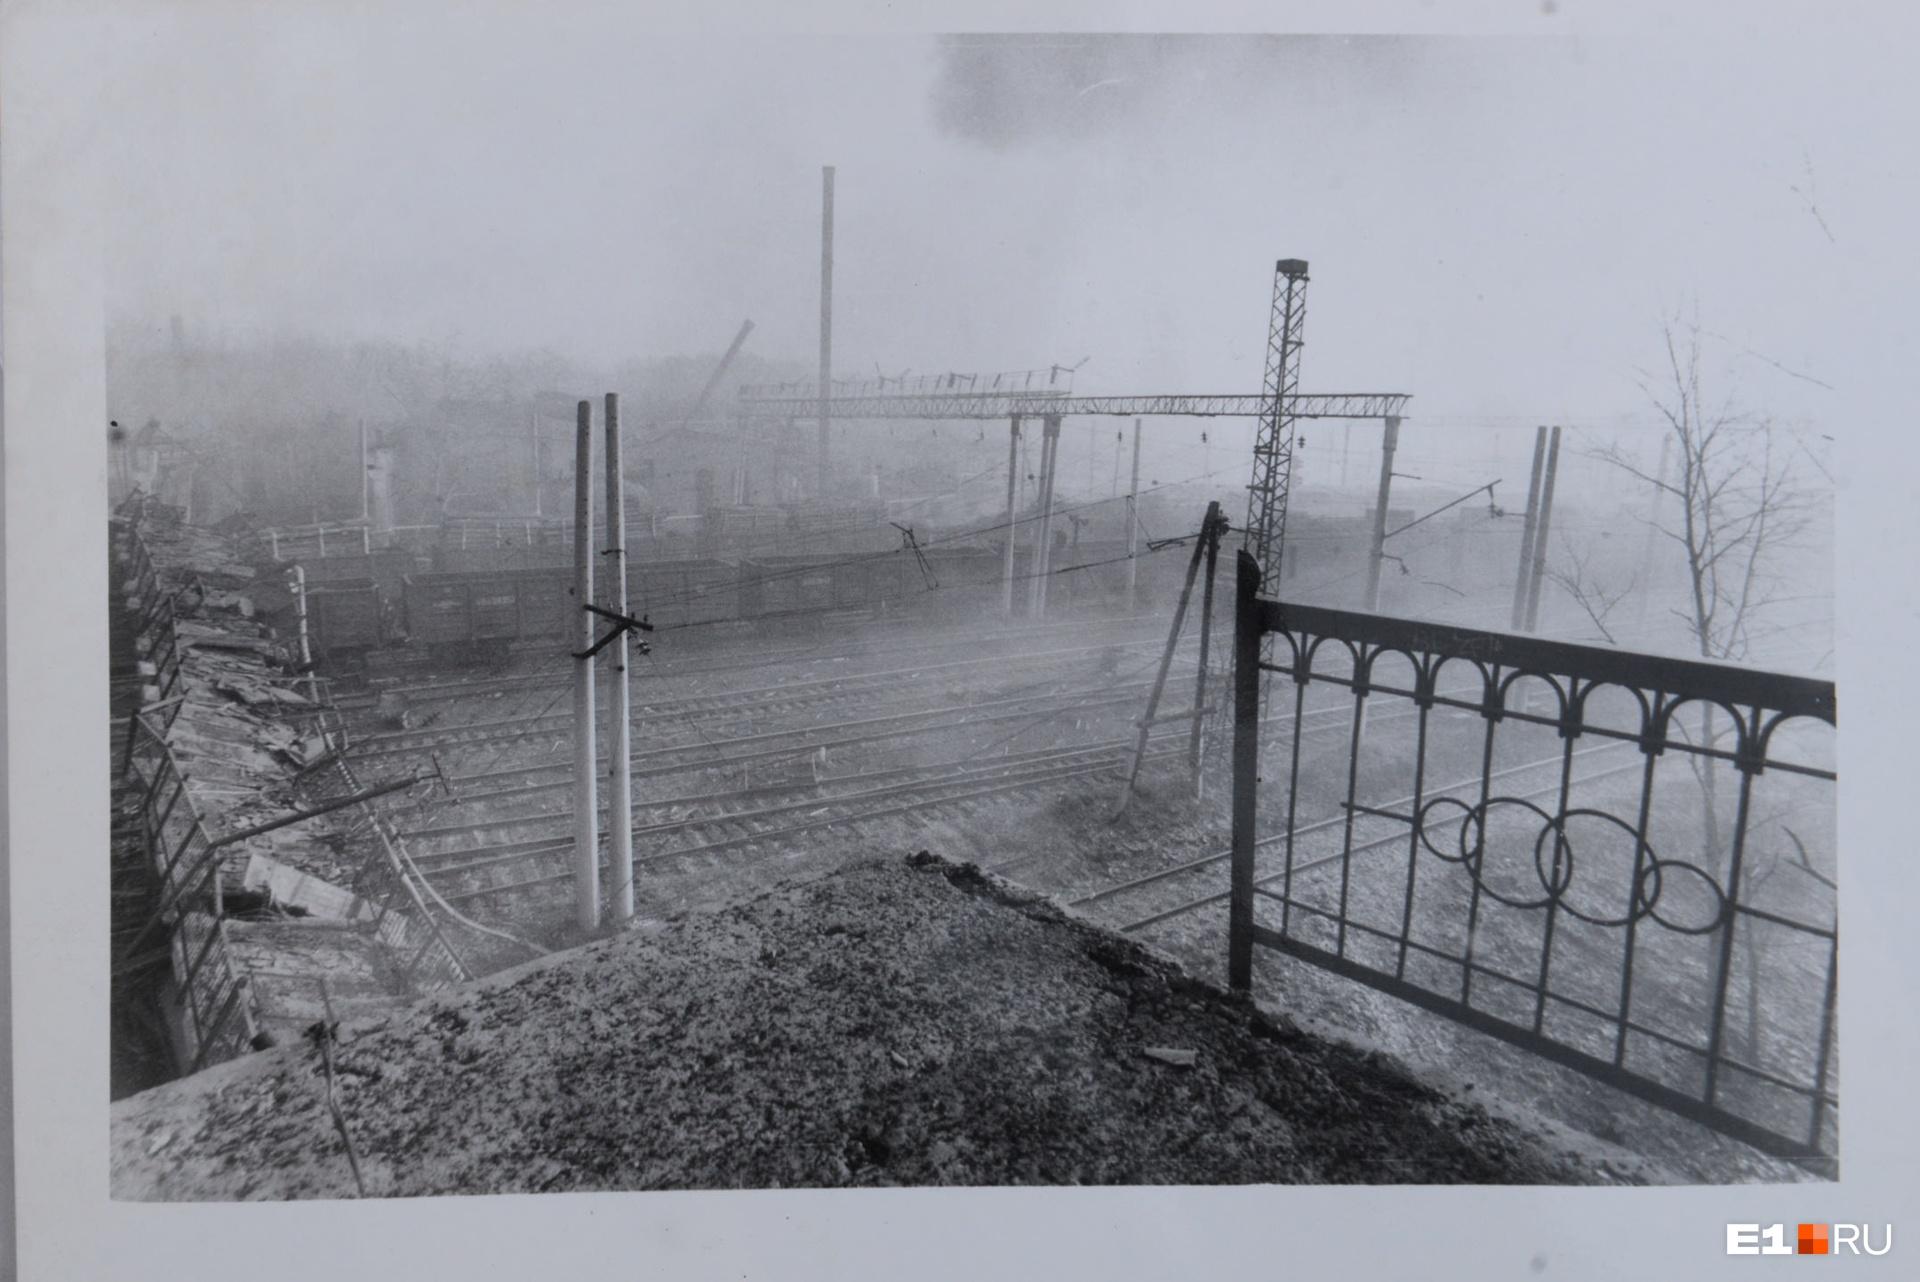 Фото сделано с уцелевшего участка моста через железнодорожные пути. Слева на снимке видно, что от этого моста осталось